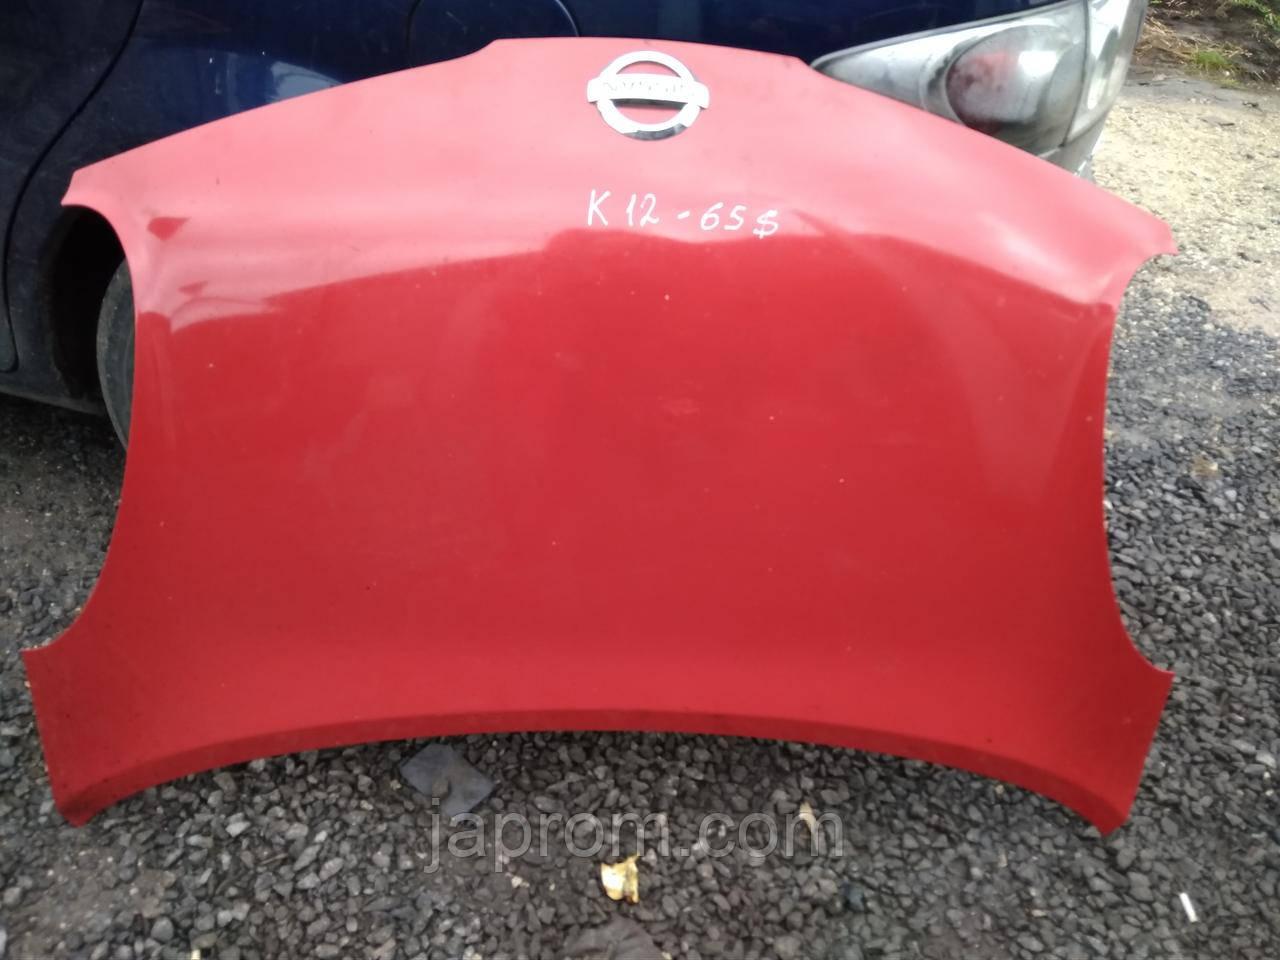 Капот Nissan Micra K12 2002-2010г.в.красный